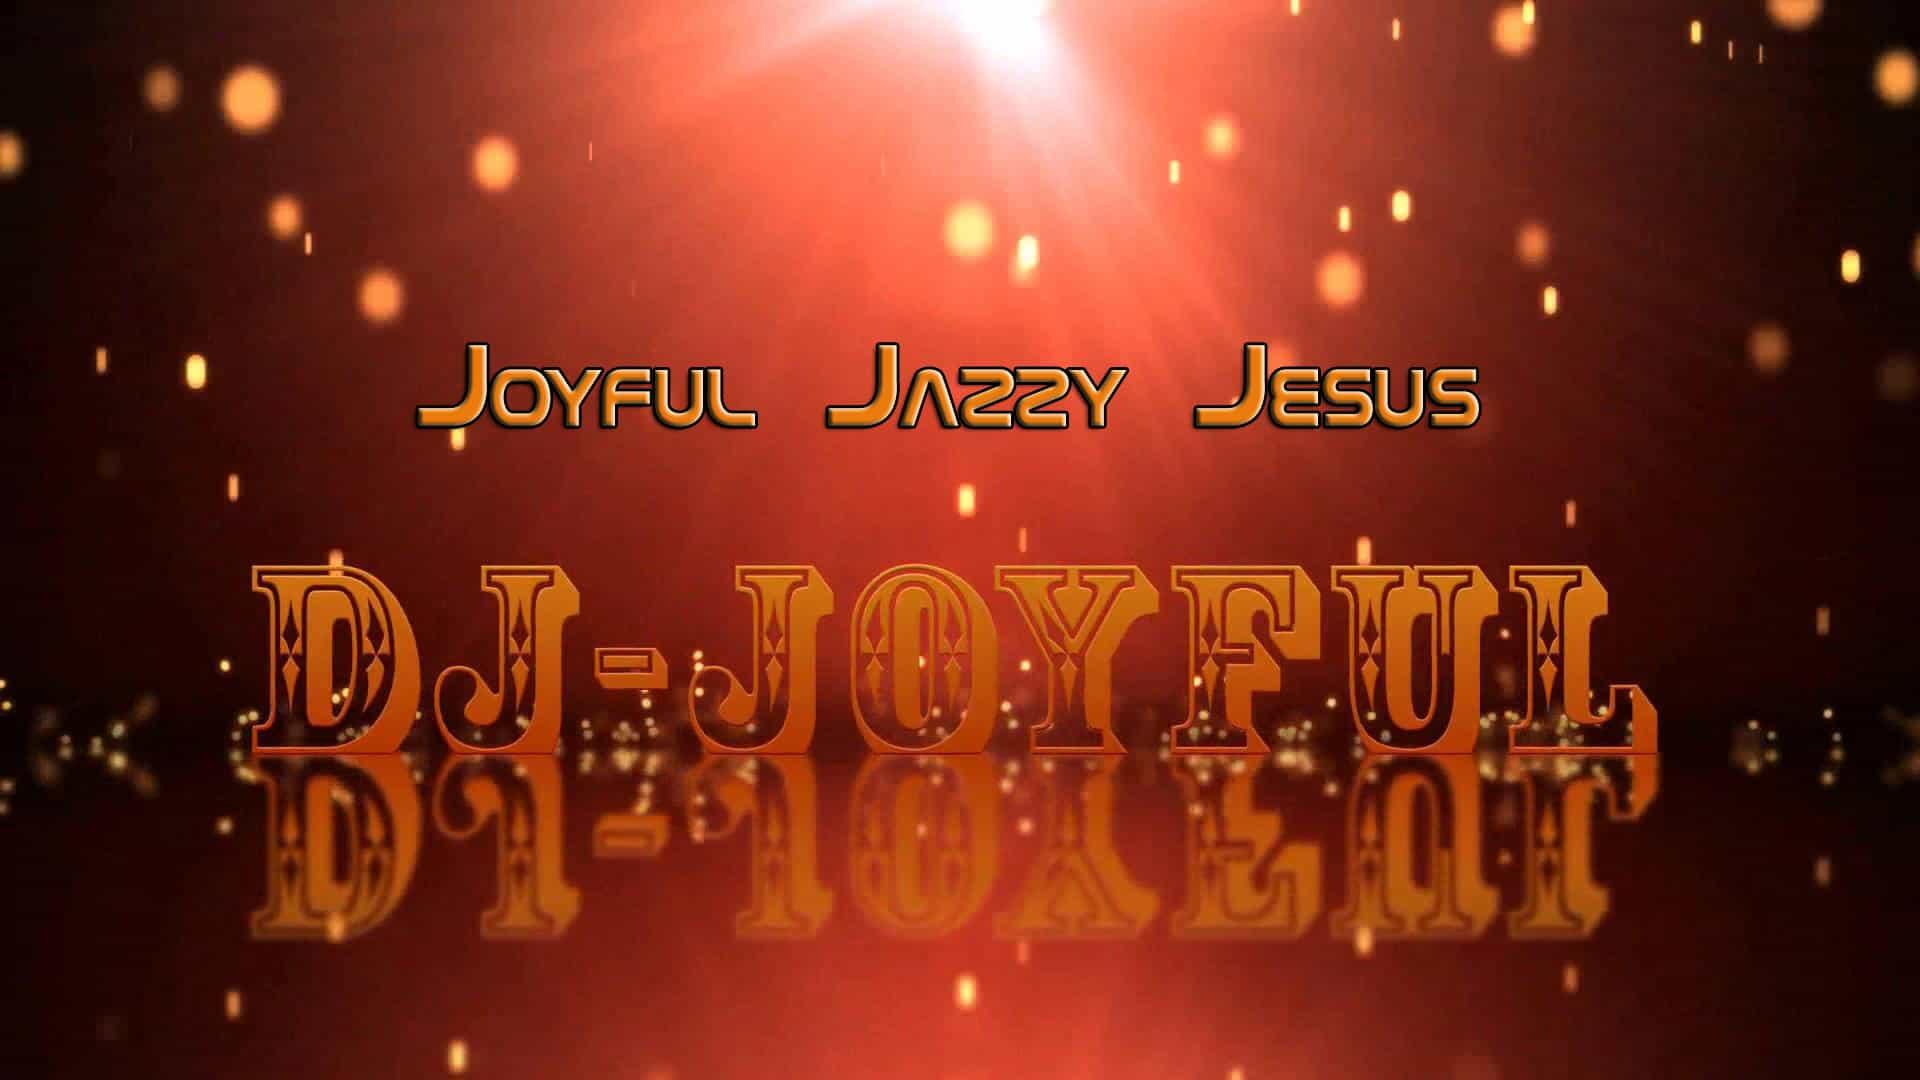 JOYFUL JAZZY JESUS – DJ-JOYFUL | SPOTIFY